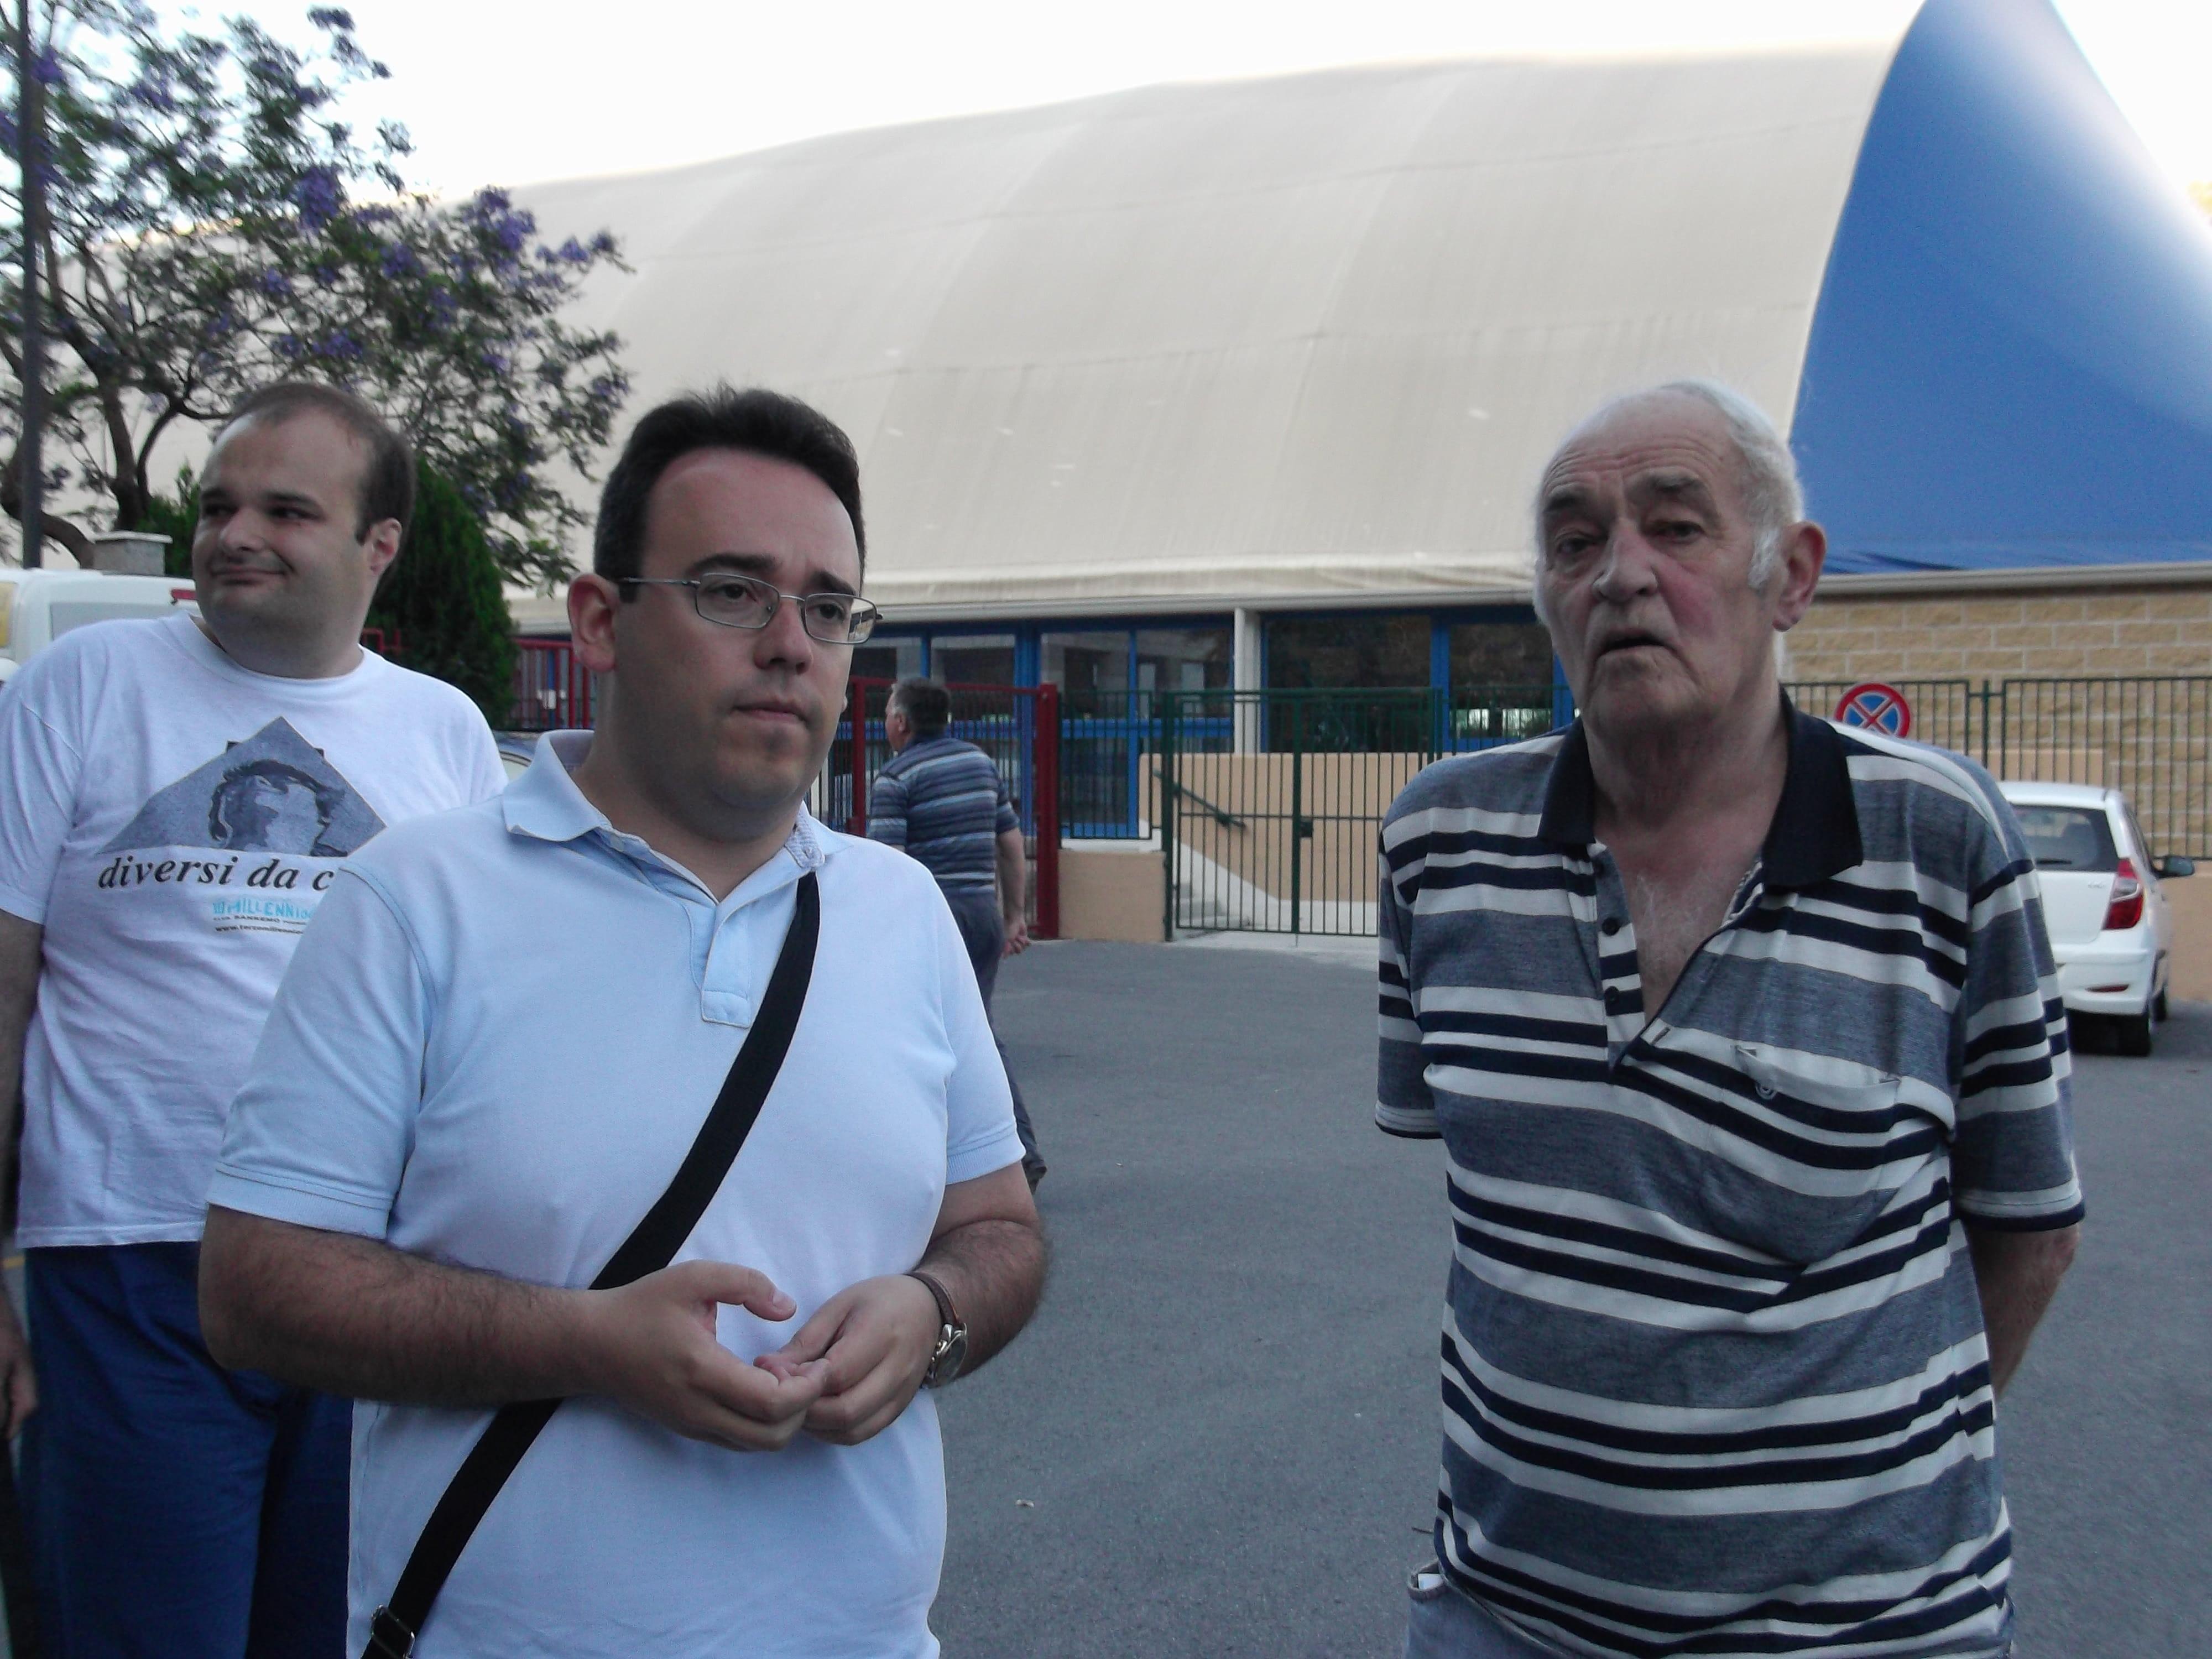 E' Matteo Lupi il nuovo presidente della Spes di Ventimiglia. Sarà lui a prendere il testimone dalle mani di Luciano Codarri, fondatore e storico capo dell'associazione da ben 16 anni.…